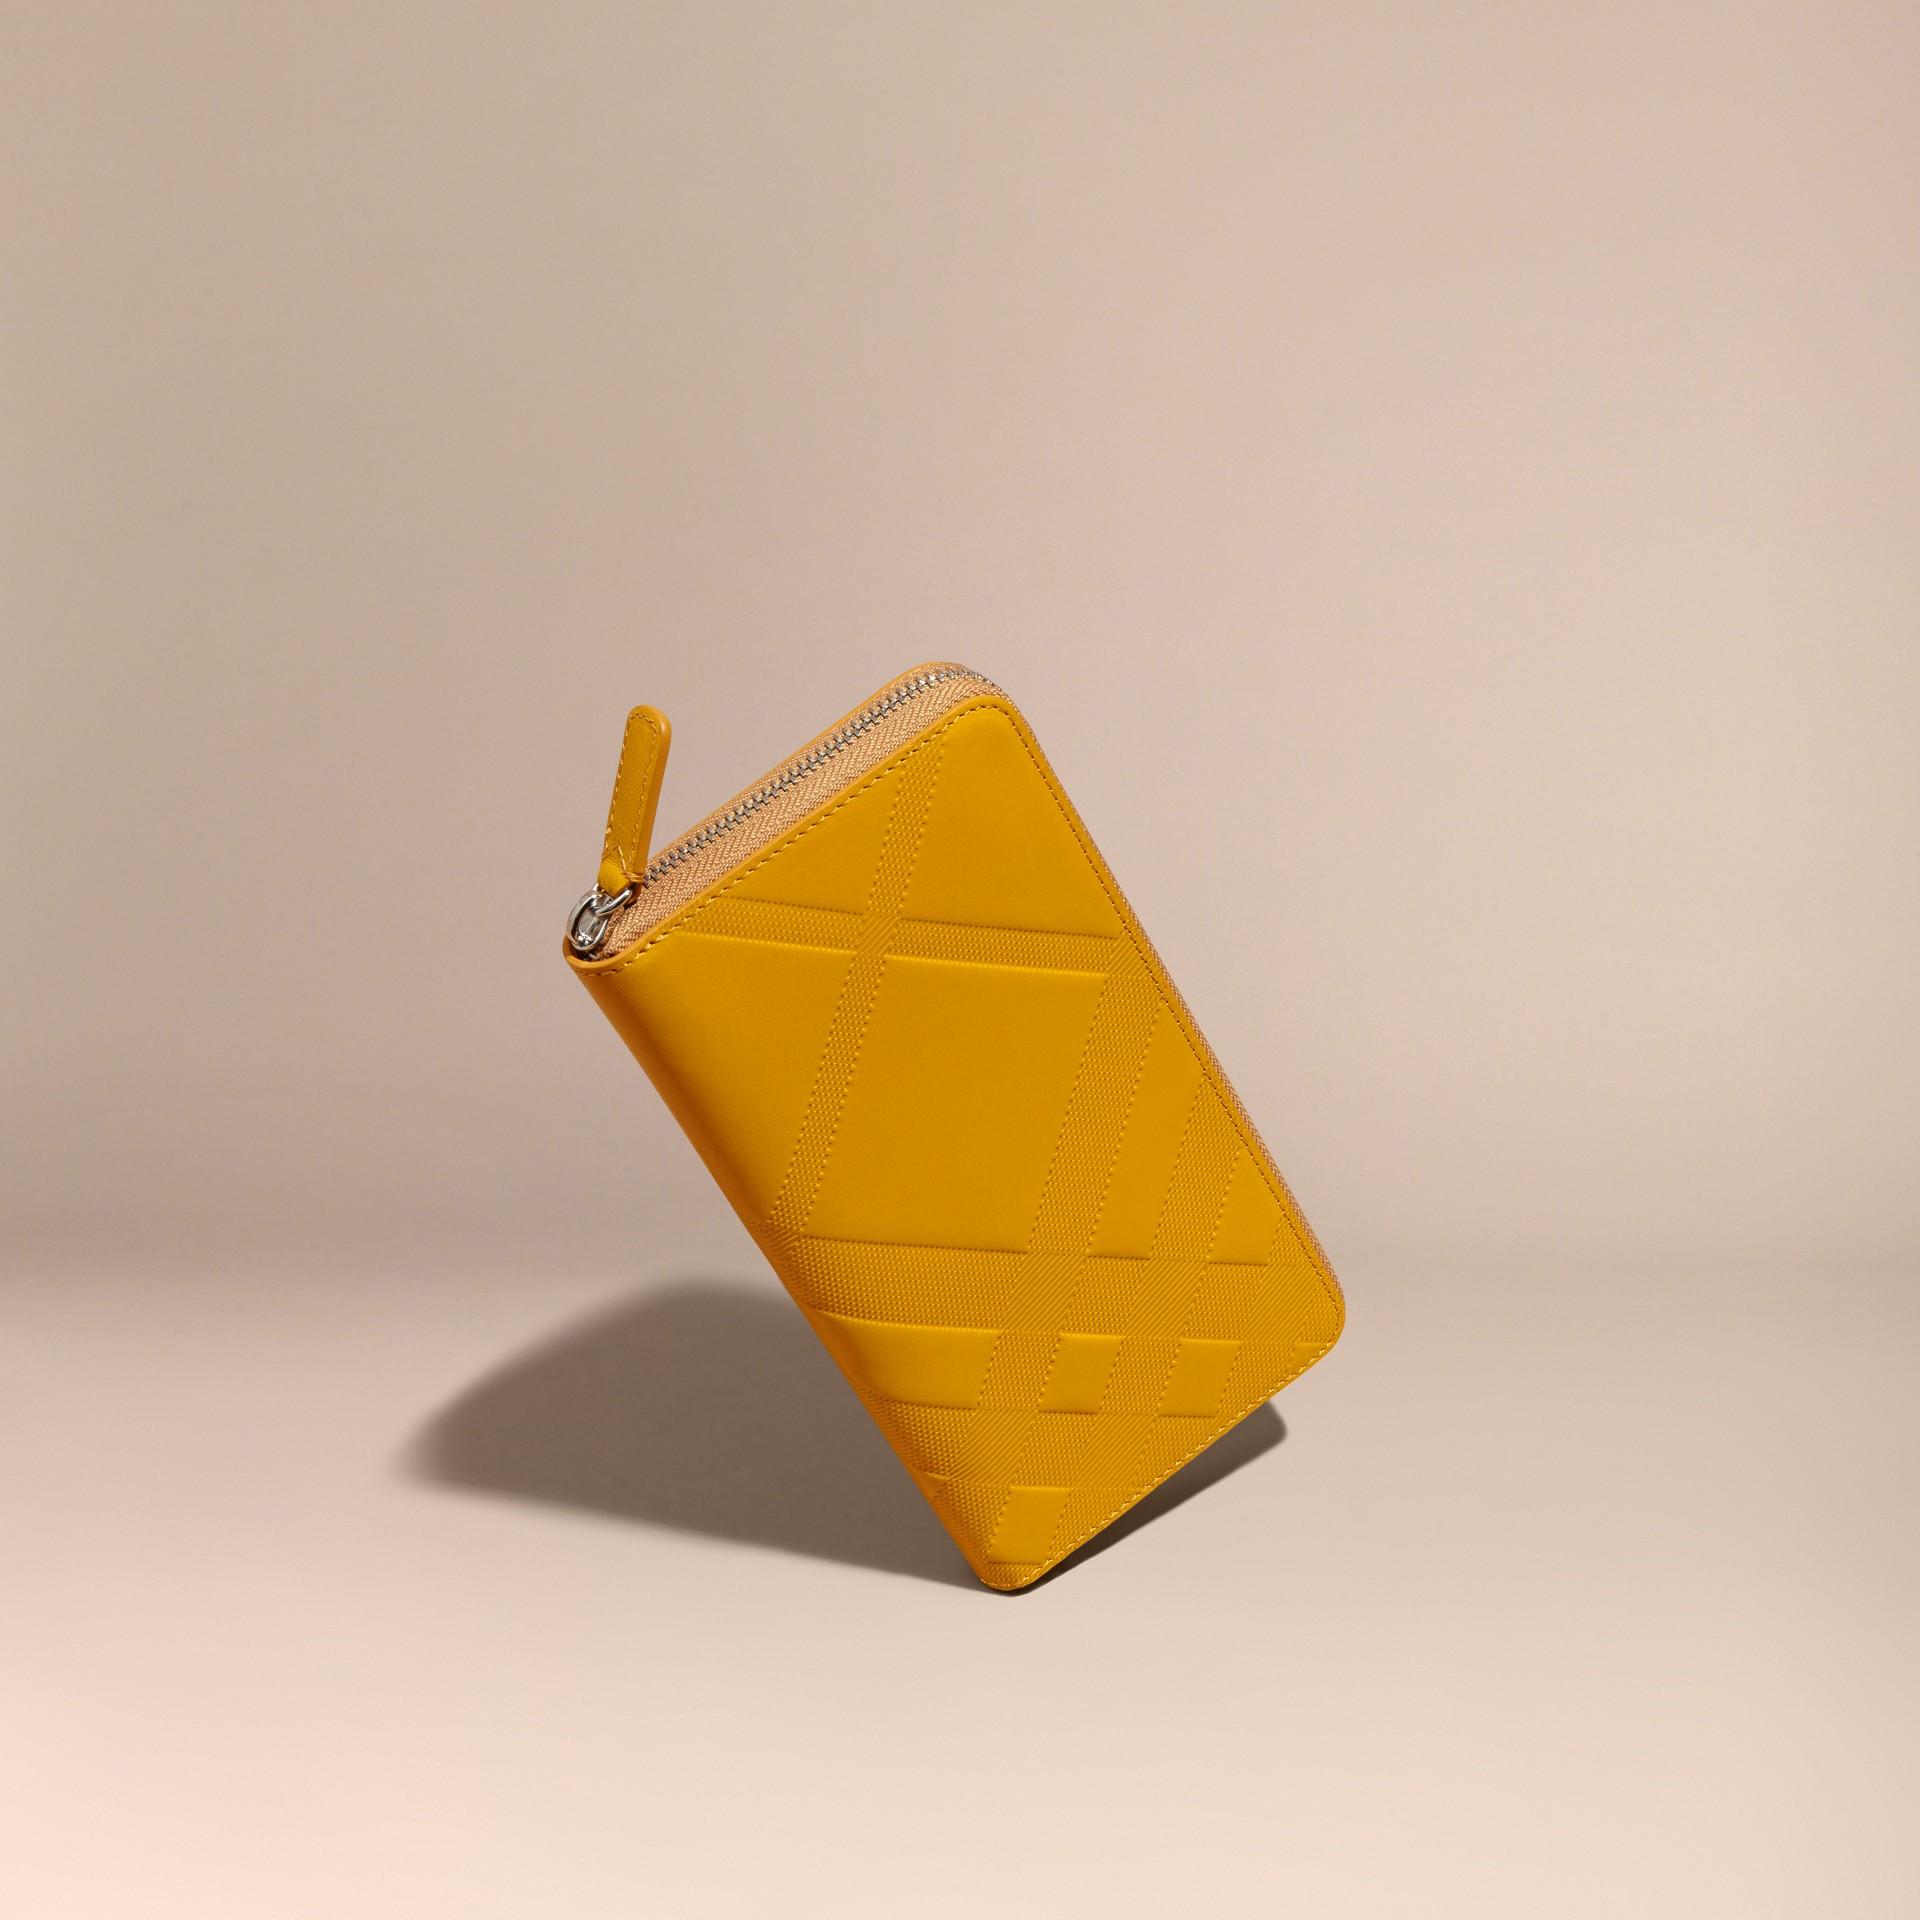 Giallo ambra Portafoglio in pelle con motivo check in rilievo e cerniera su tre lati Giallo Ambra - immagine della galleria 1